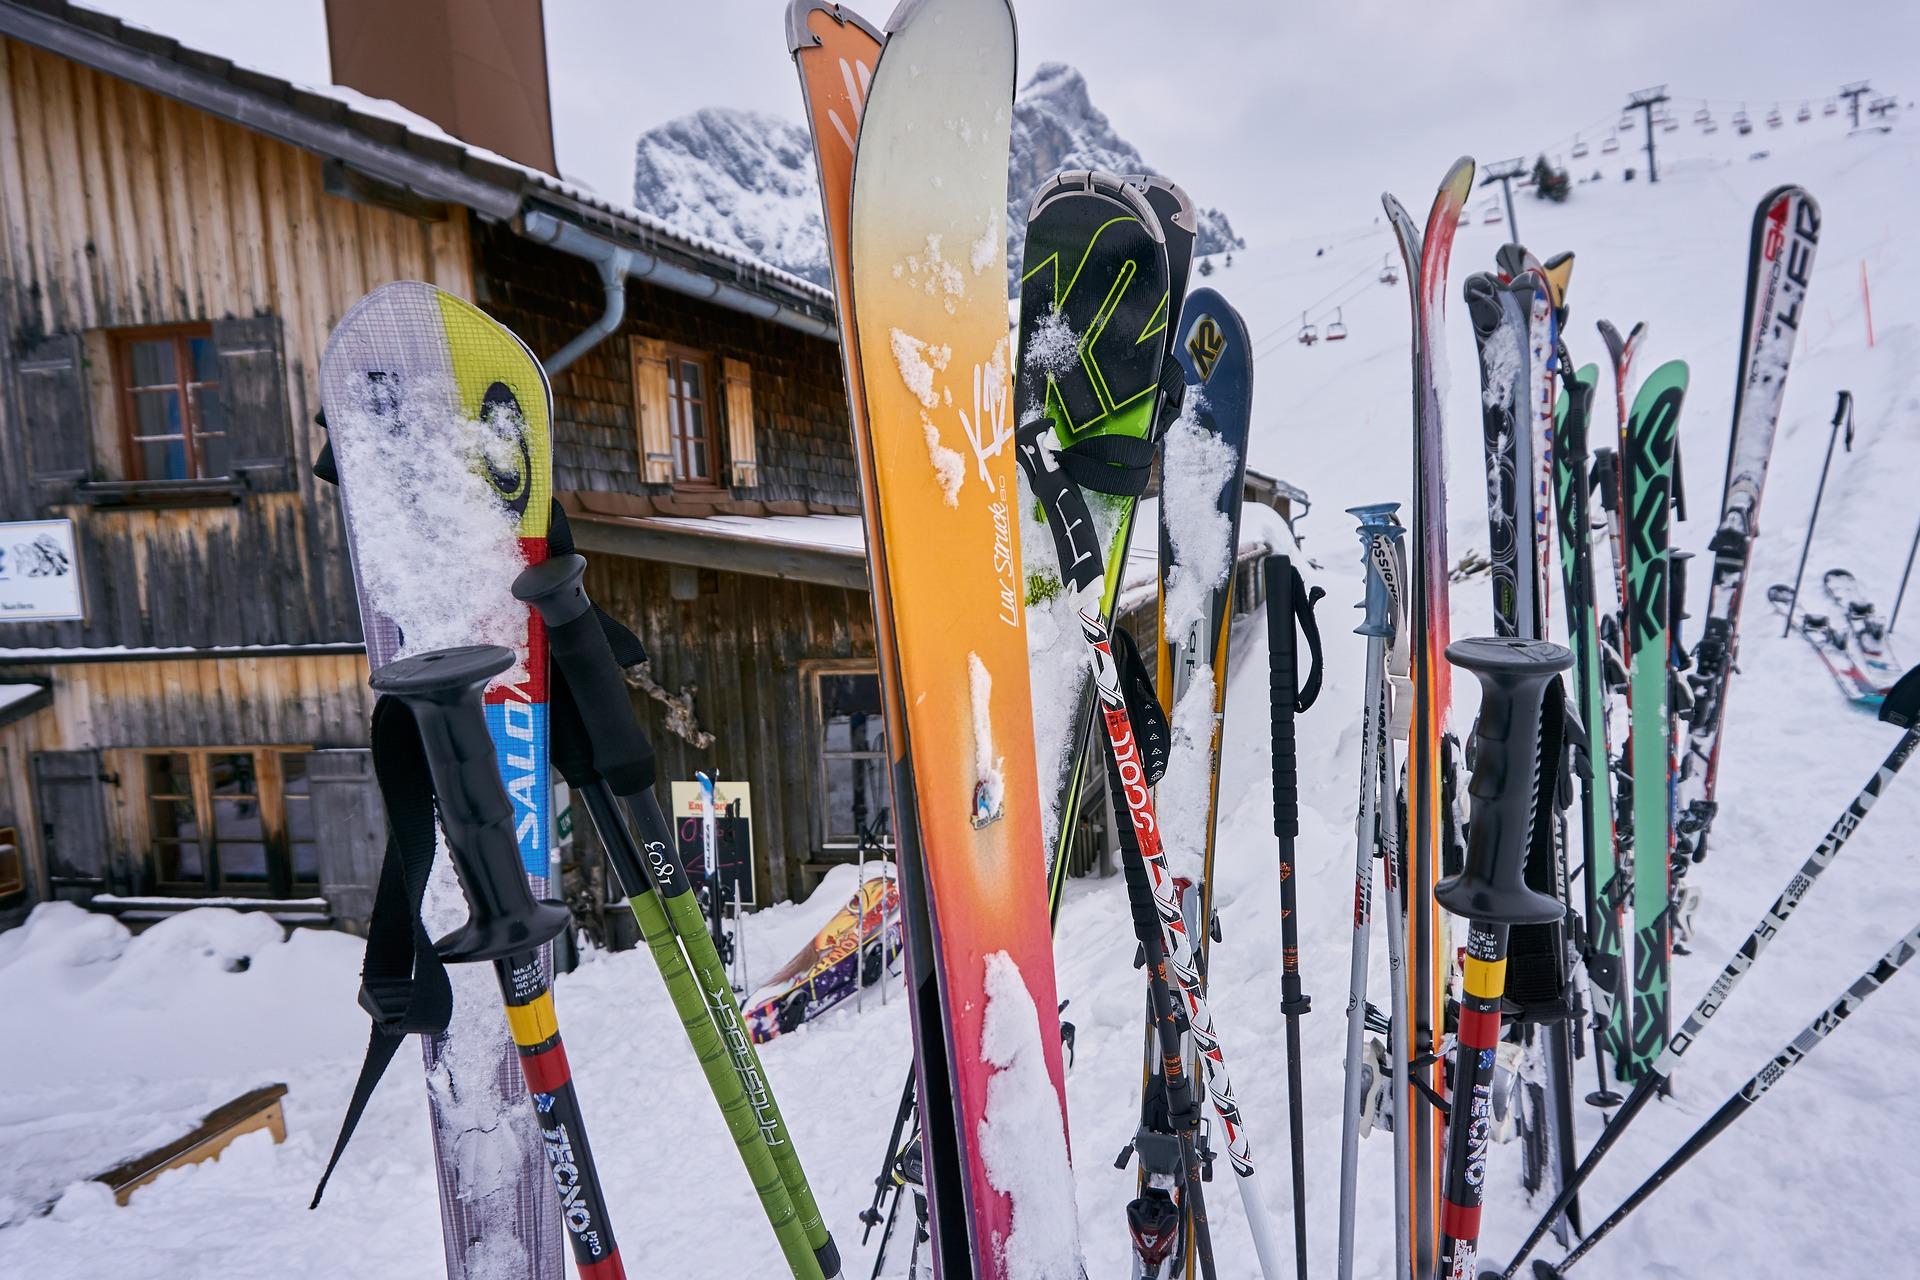 Ogólnopolskie zawody narciarskie dla osób z niepełnosprawnością intelektualną Sprawni-Razem